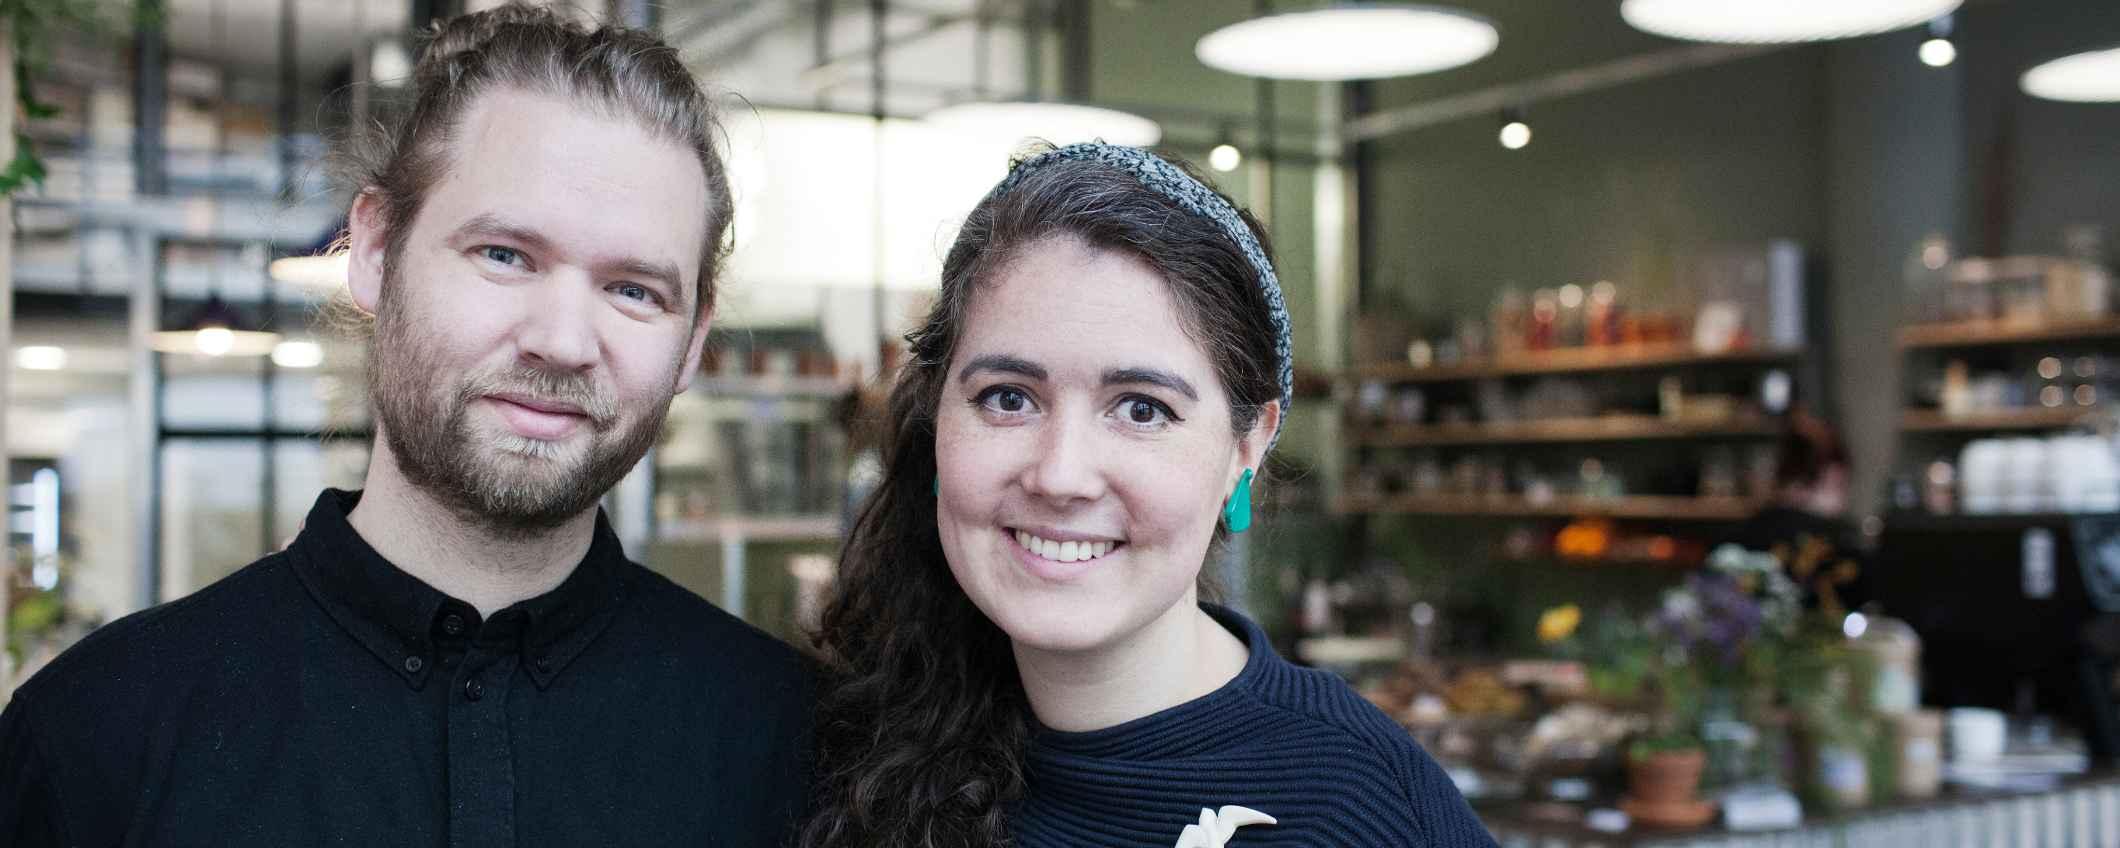 Eigenaren van veganistische cafe-bakkerij Sharp Sharp in Rotterdam